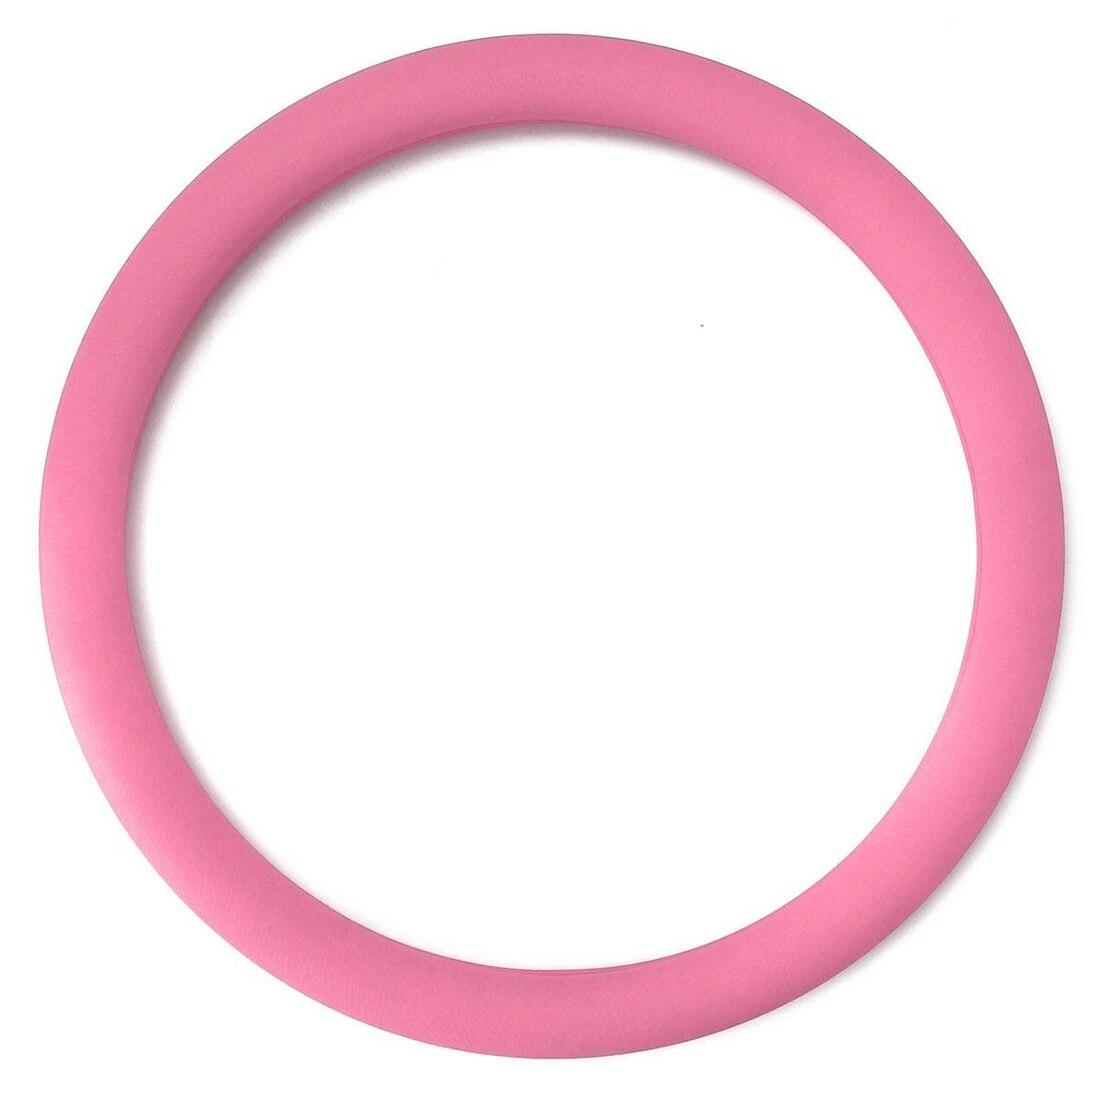 Авто силиконовый чехол на руль Lenkradhuelle Руль крышка розовый ...